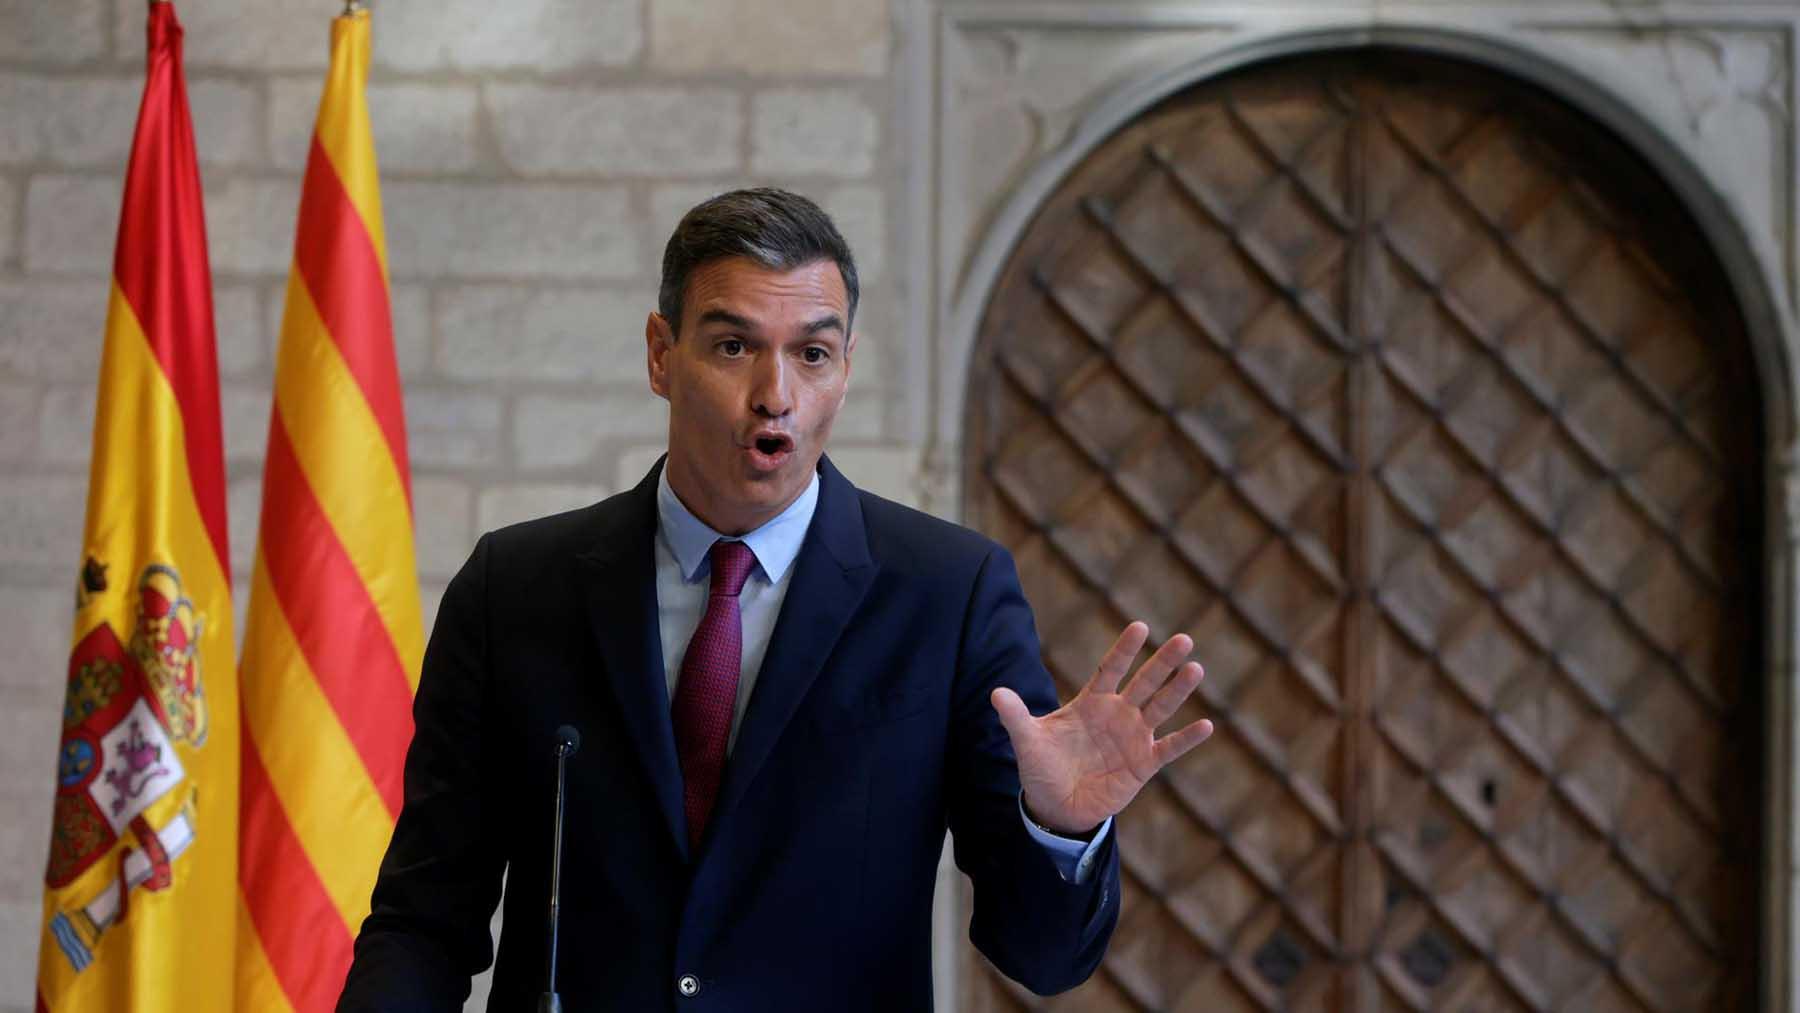 Pedro Sánchez tras la reunión con Aragonès. Foto: EFE